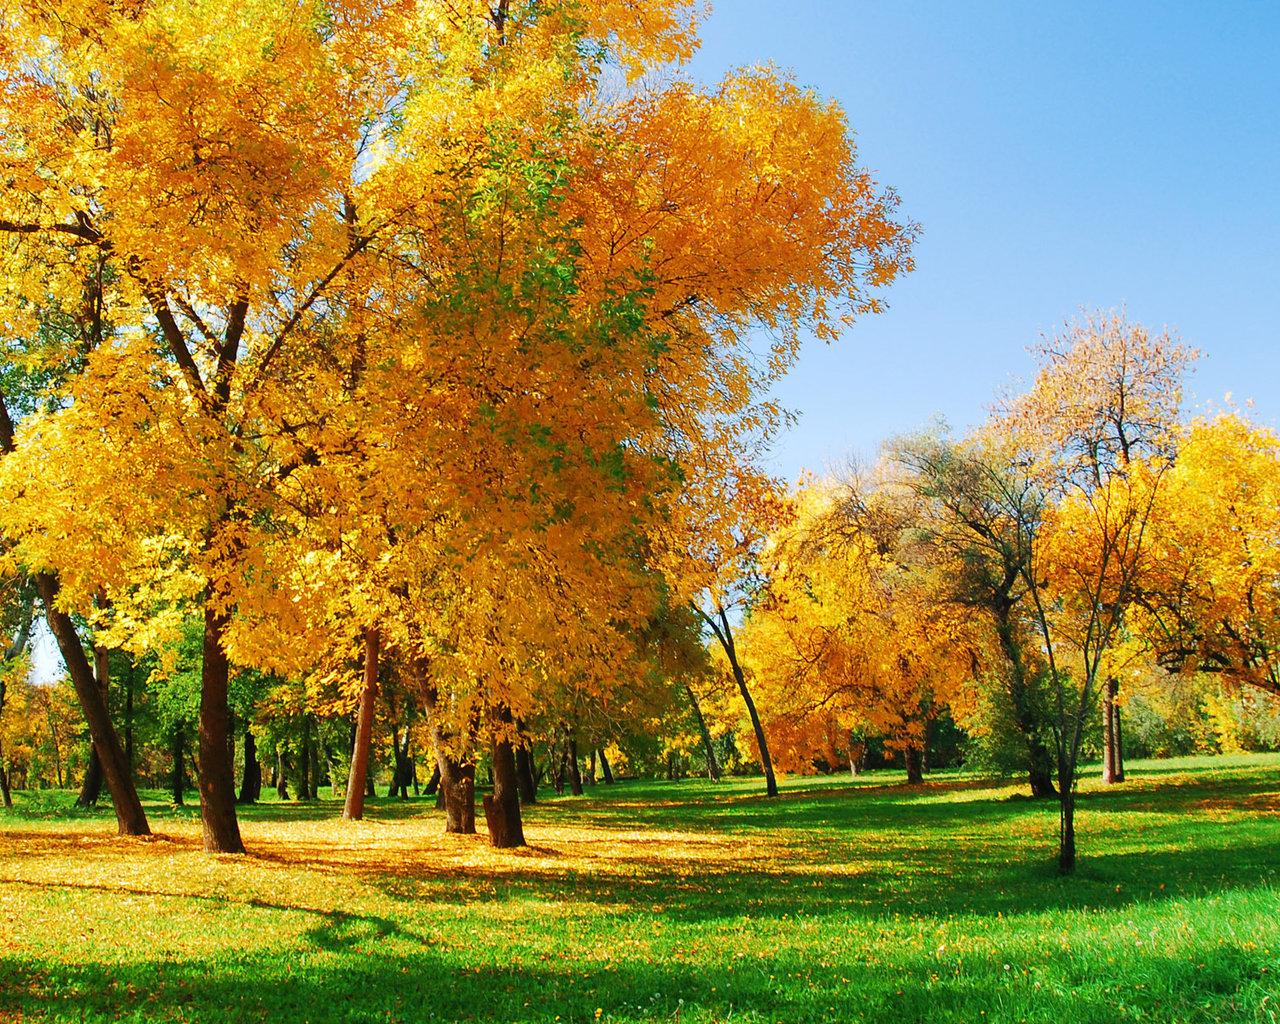 осенний лес, скачать фото, желтая трава, деревья, осень